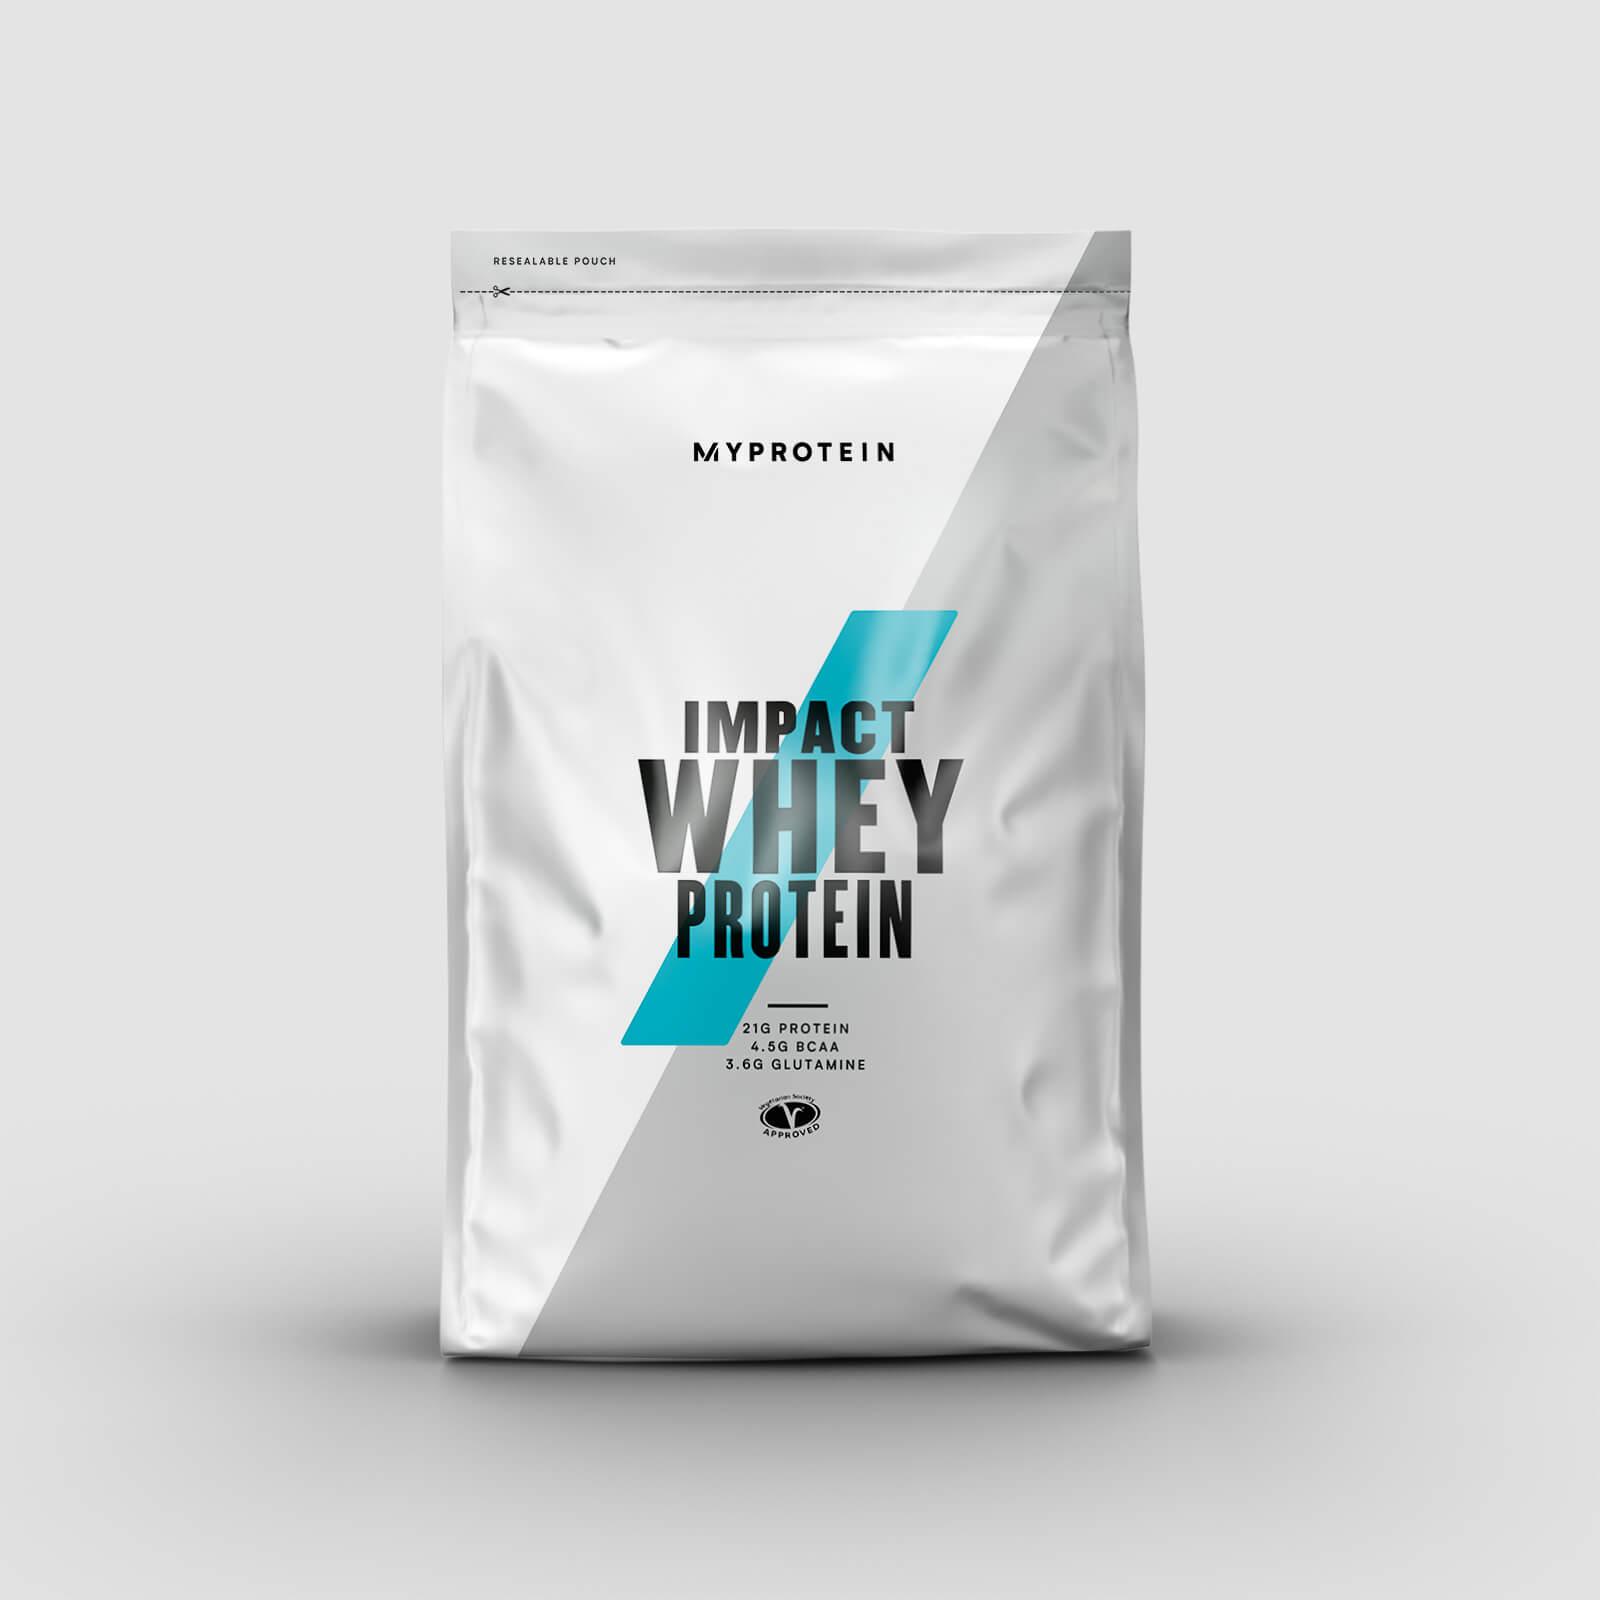 Myprotein Impact Whey Protein - 250g - Chocolat Brownie